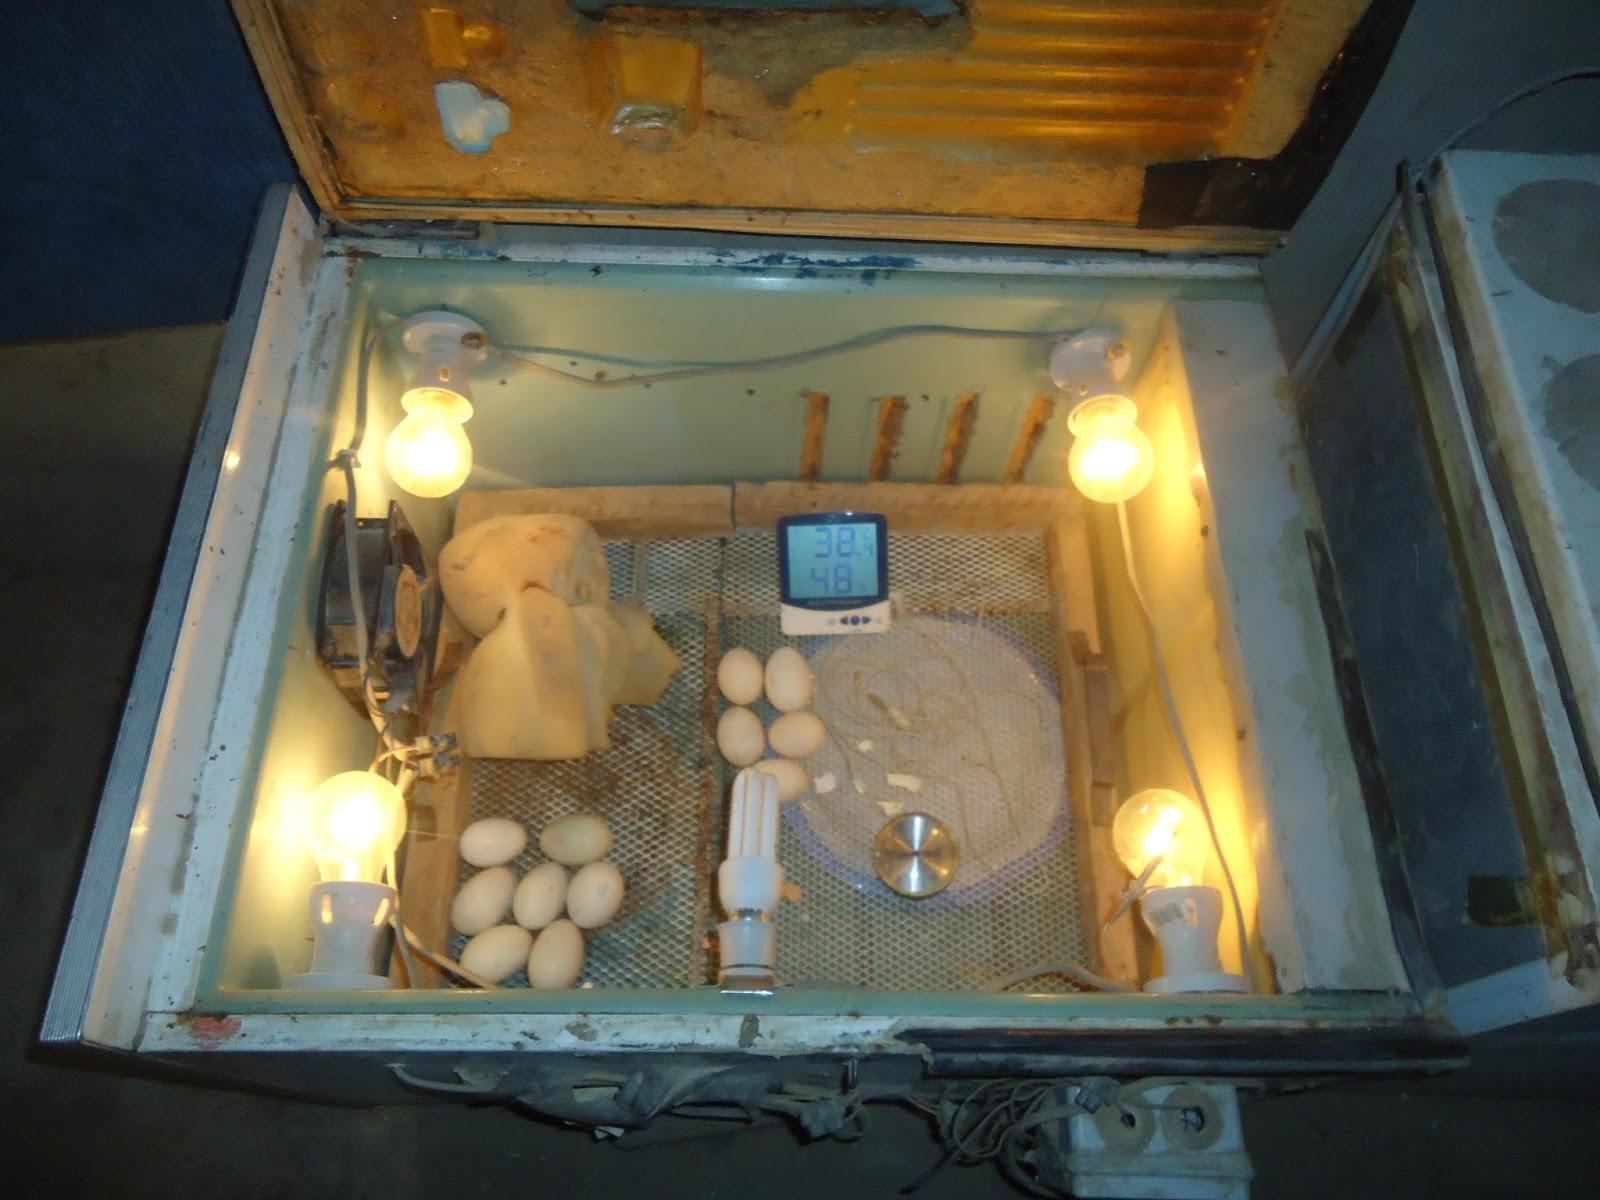 Espace de stockage : pour vous aliments, il faut une chambre froide